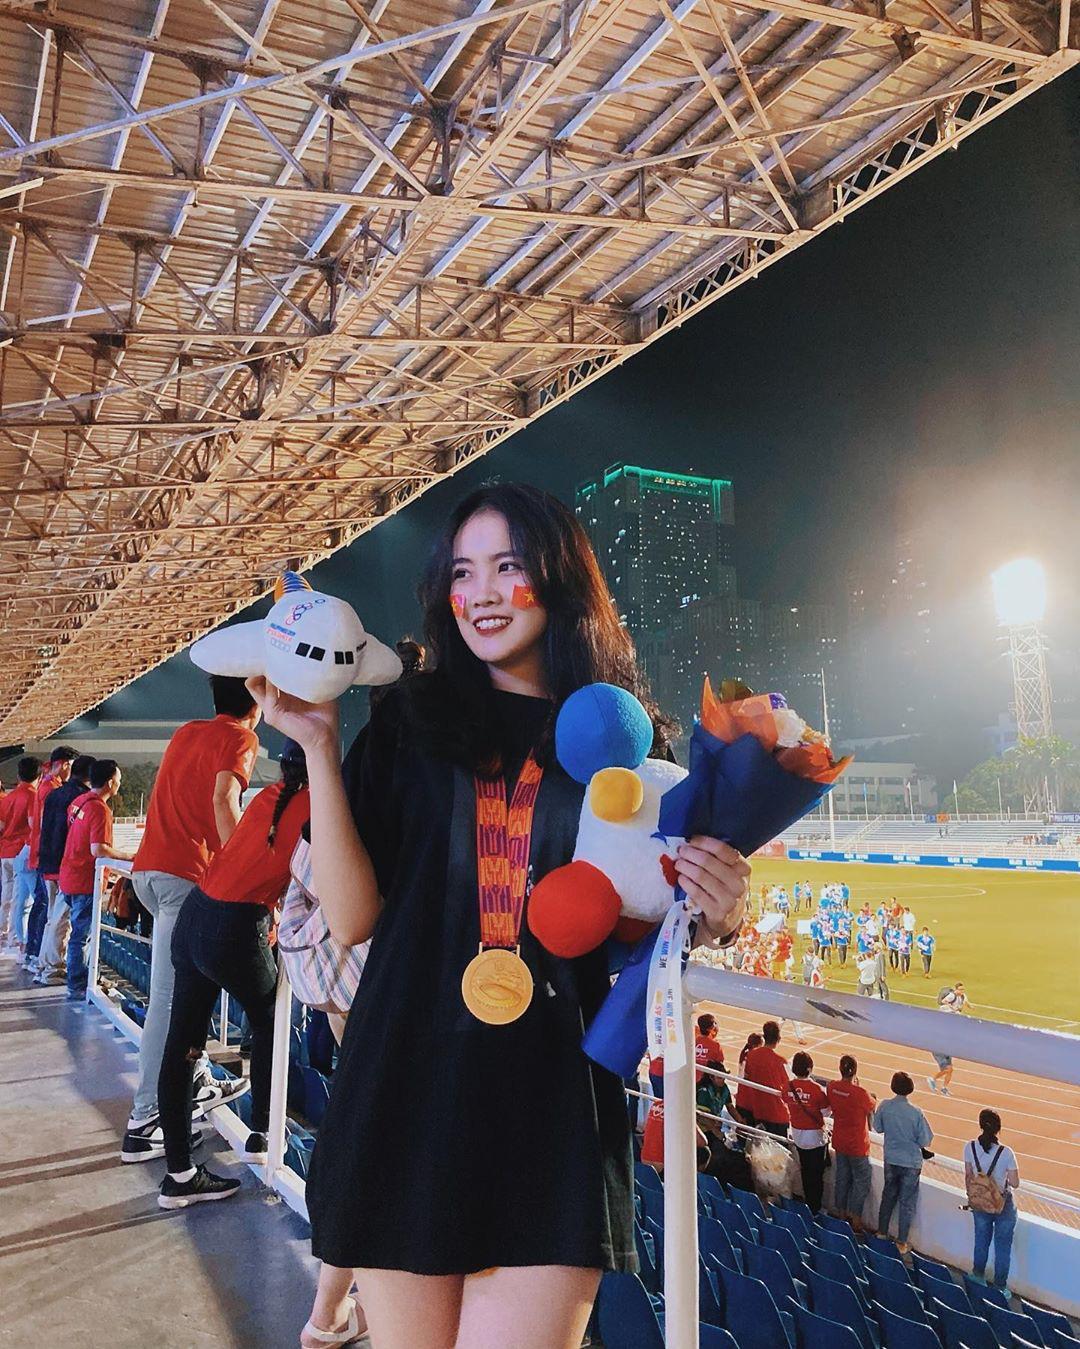 Bạn gái Đoàn Văn Hậu khoe chụp ảnh cùng với Huy chương vàng SEA Games - Ảnh 1